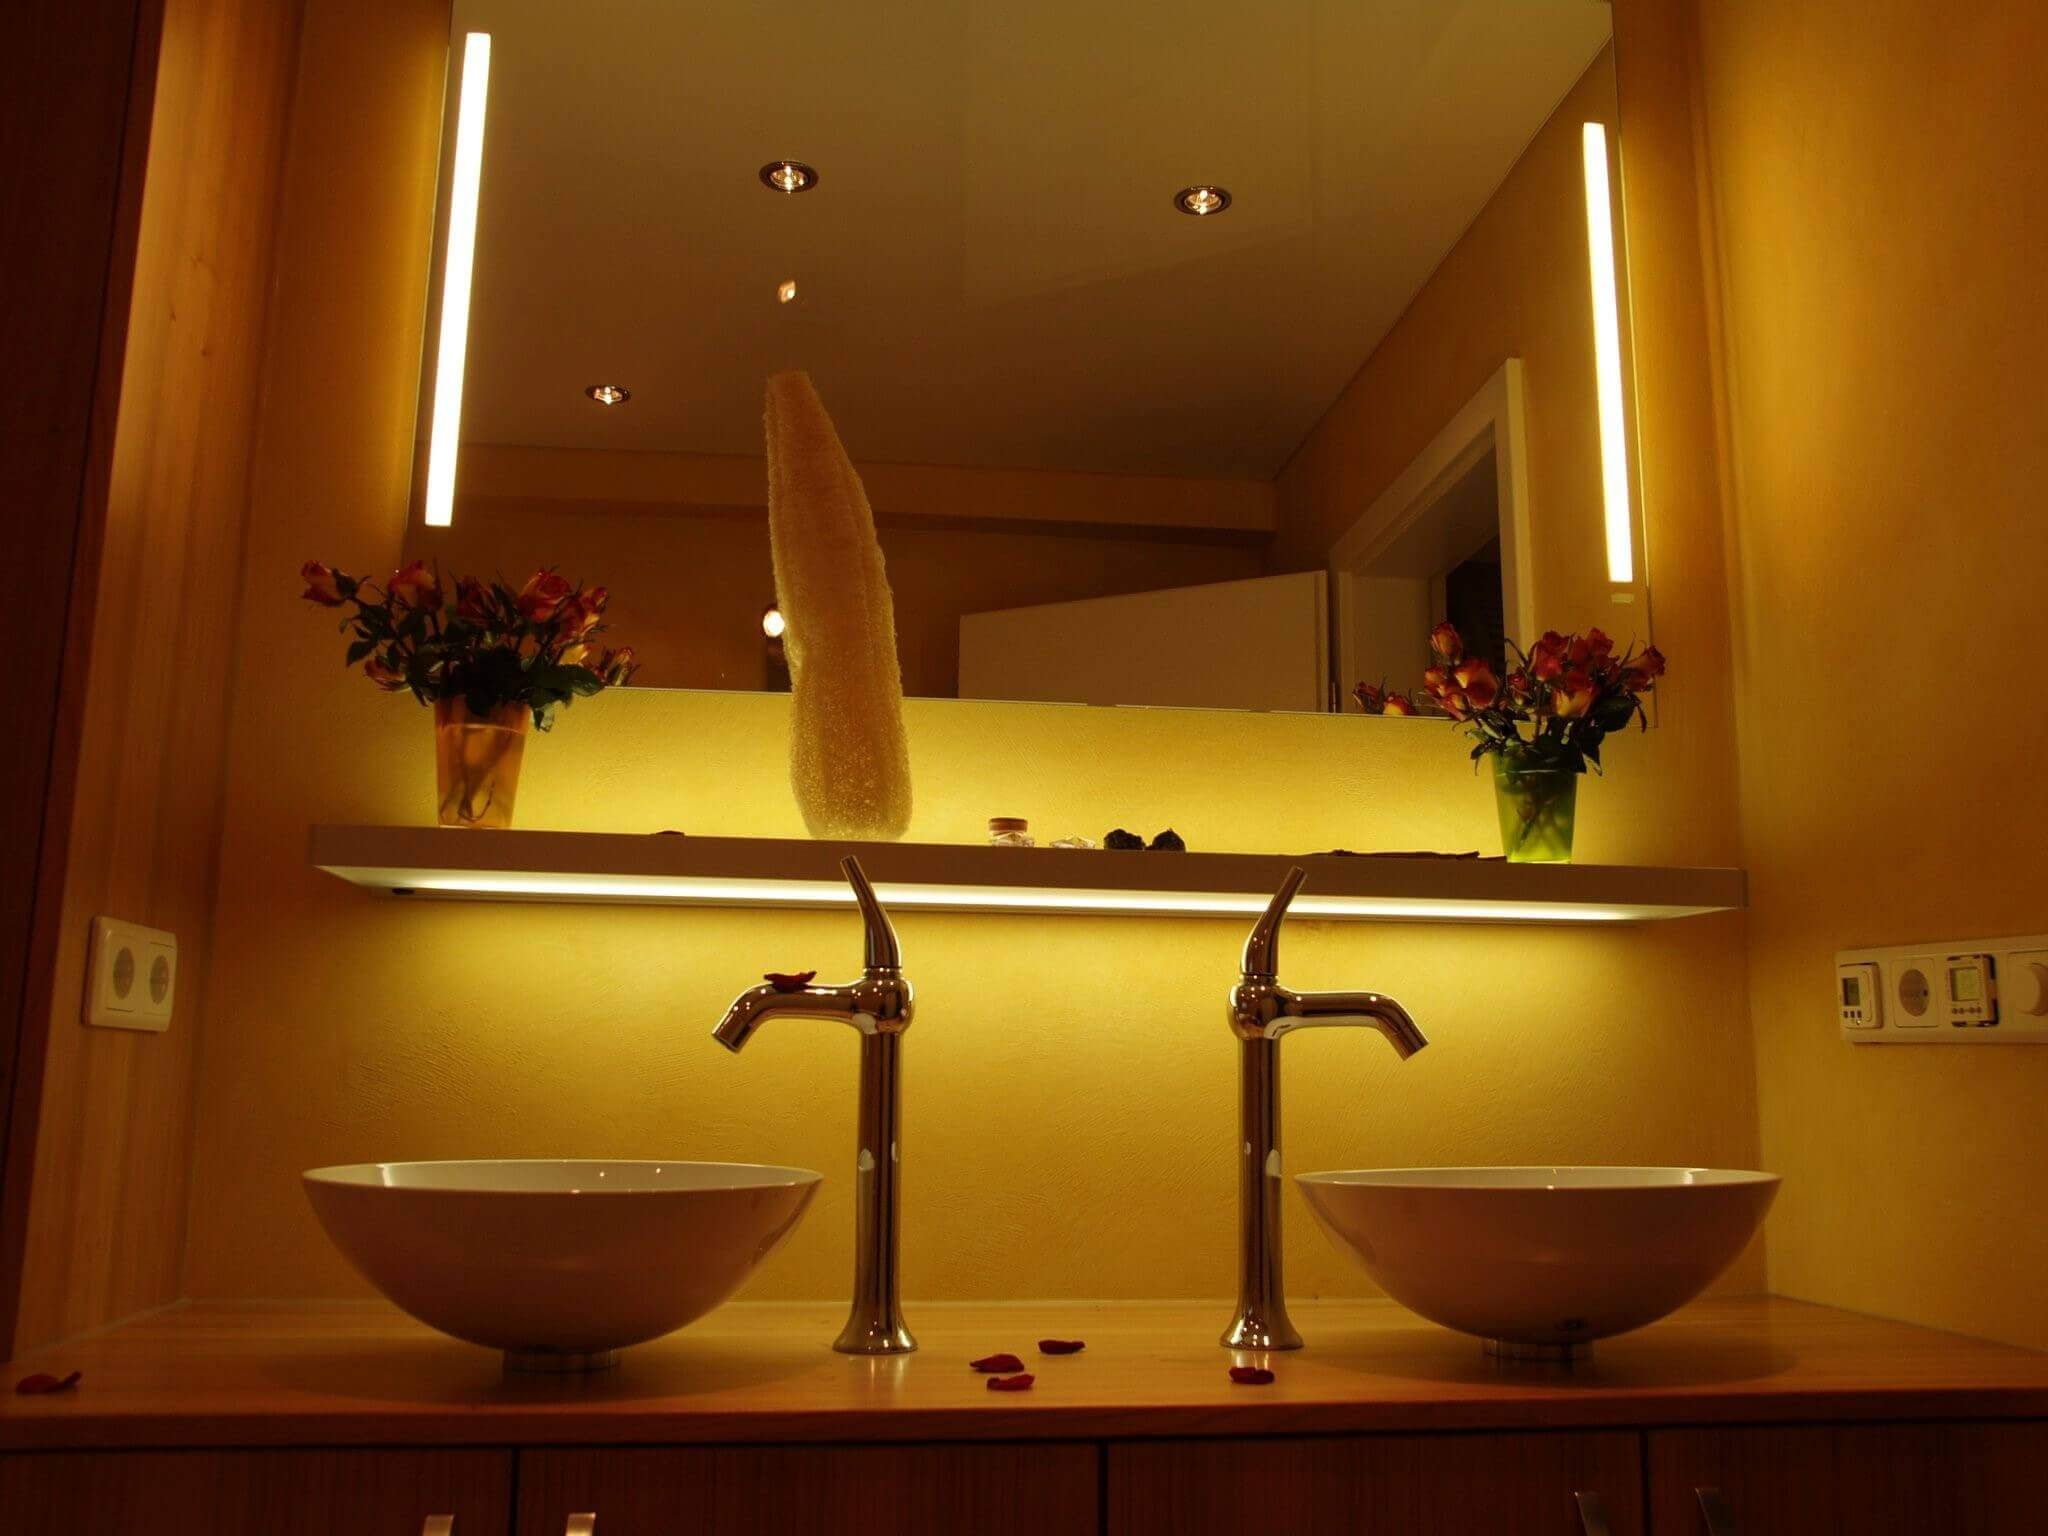 Perfekt Mediterrane Baeder Mit Meiner Unterstützung Als Interieurdesigner Und  Lichtplaner Planen Wir Gemeinsam Kleine Exklusive Bäder,. Mediterrane  Badezimmer